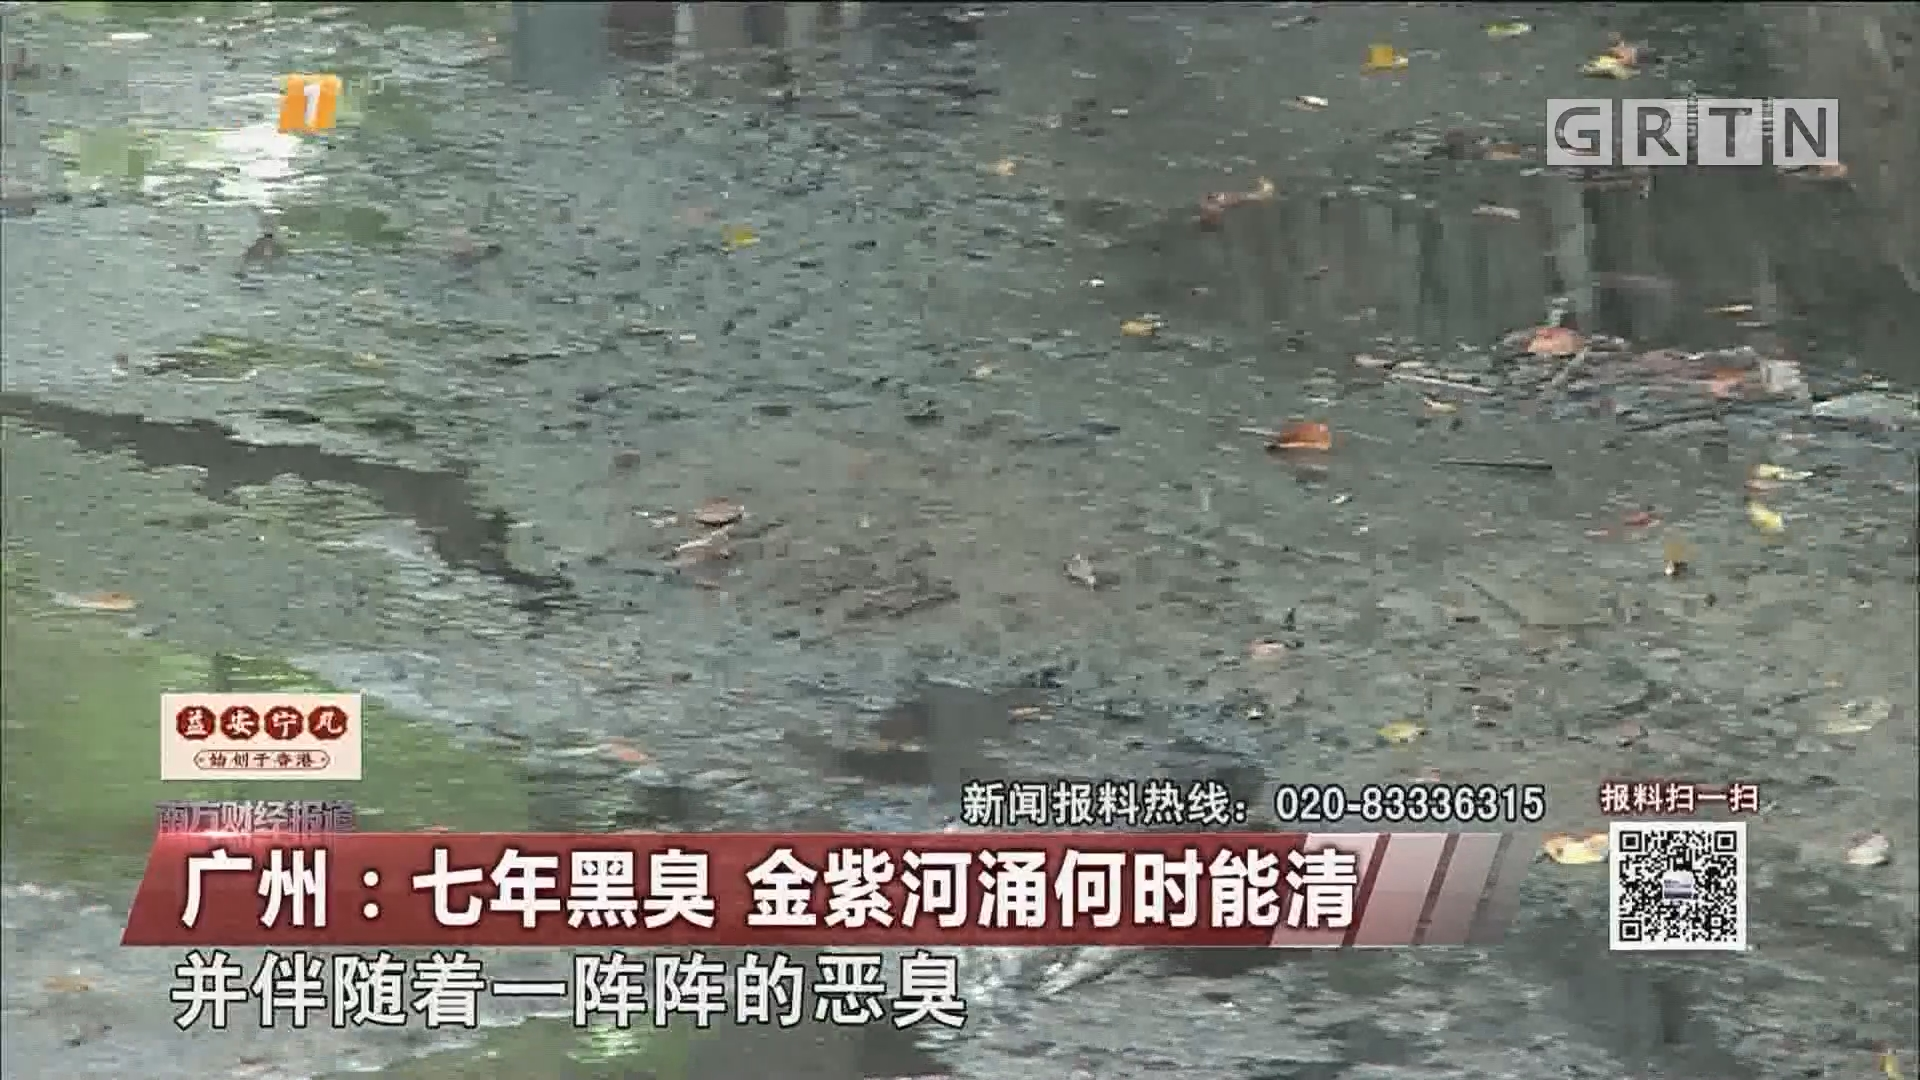 广州:七年黑臭 金紫河涌何时能清